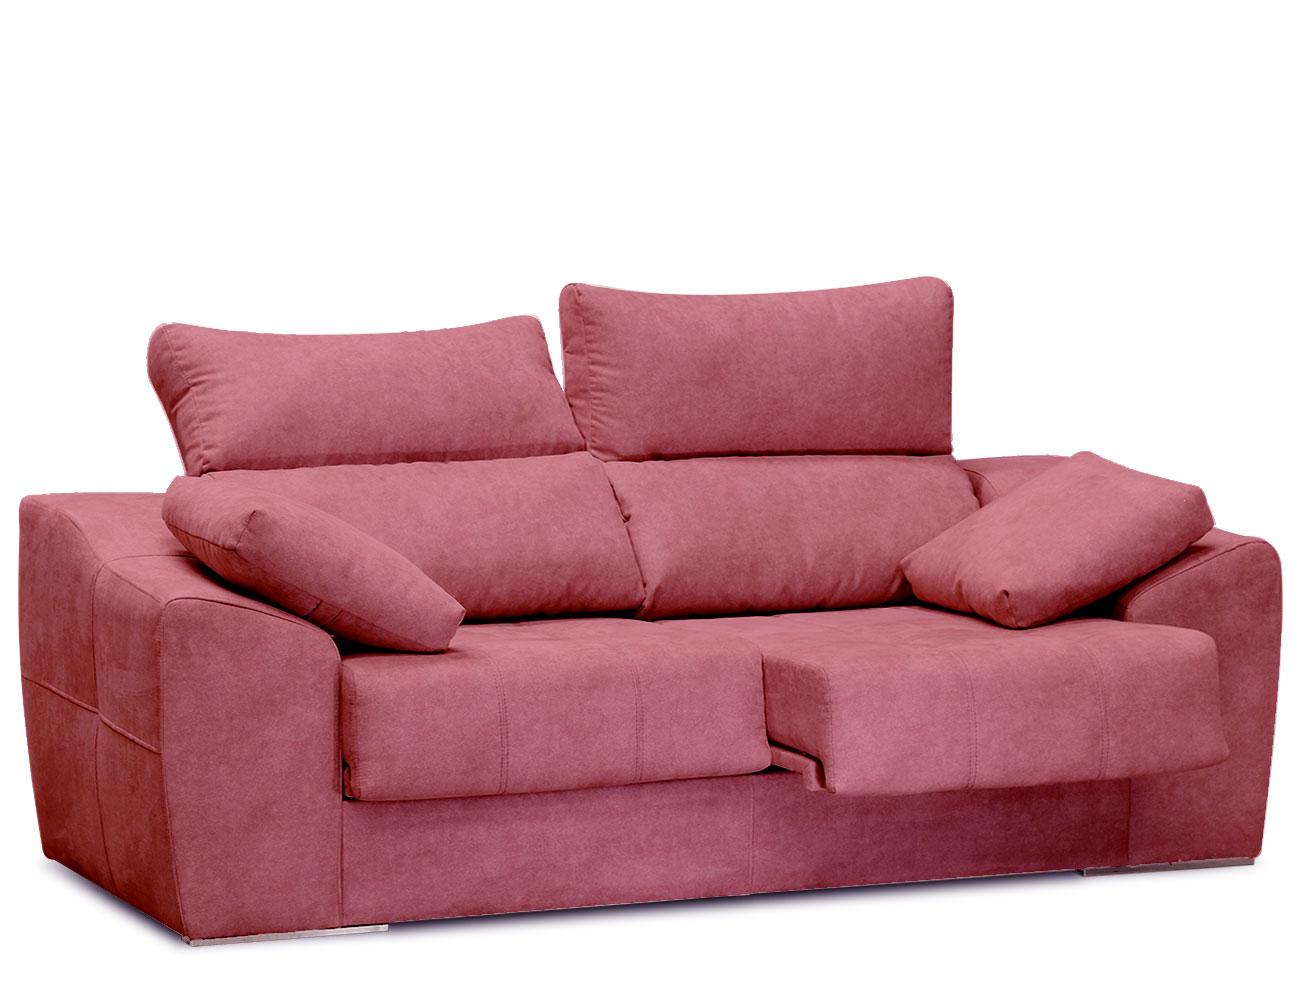 Sofa 3 plazas asientos delizantes calidad allegra10 51